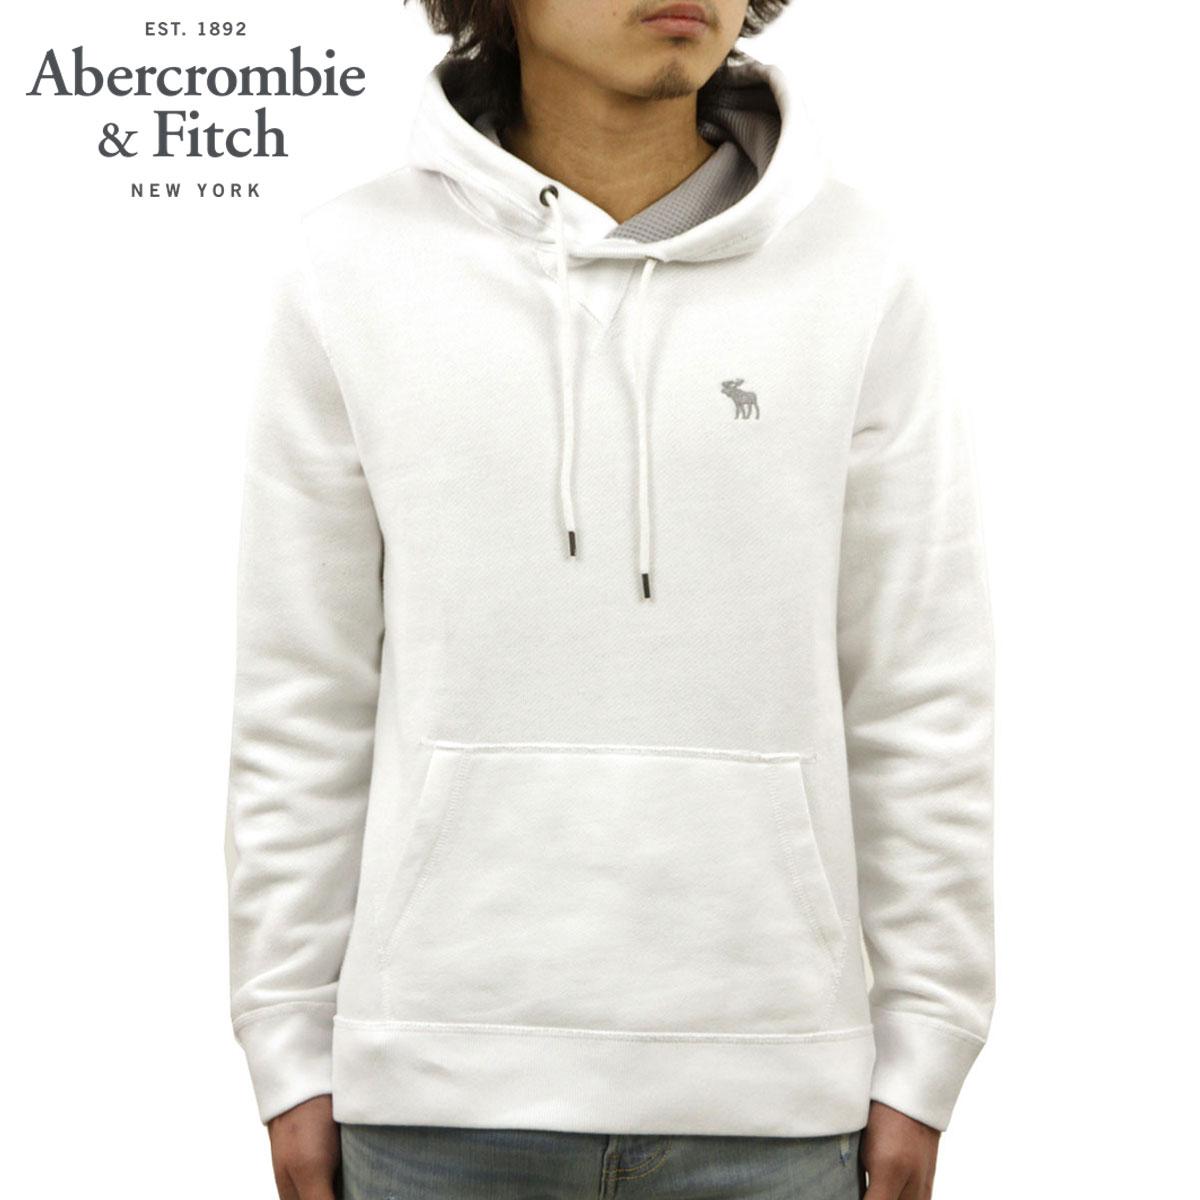 アバクロ パーカー メンズ 正規品 Abercrombie&Fitch プルオーバーパーカー ICON HOODIE 122-231-0875-100